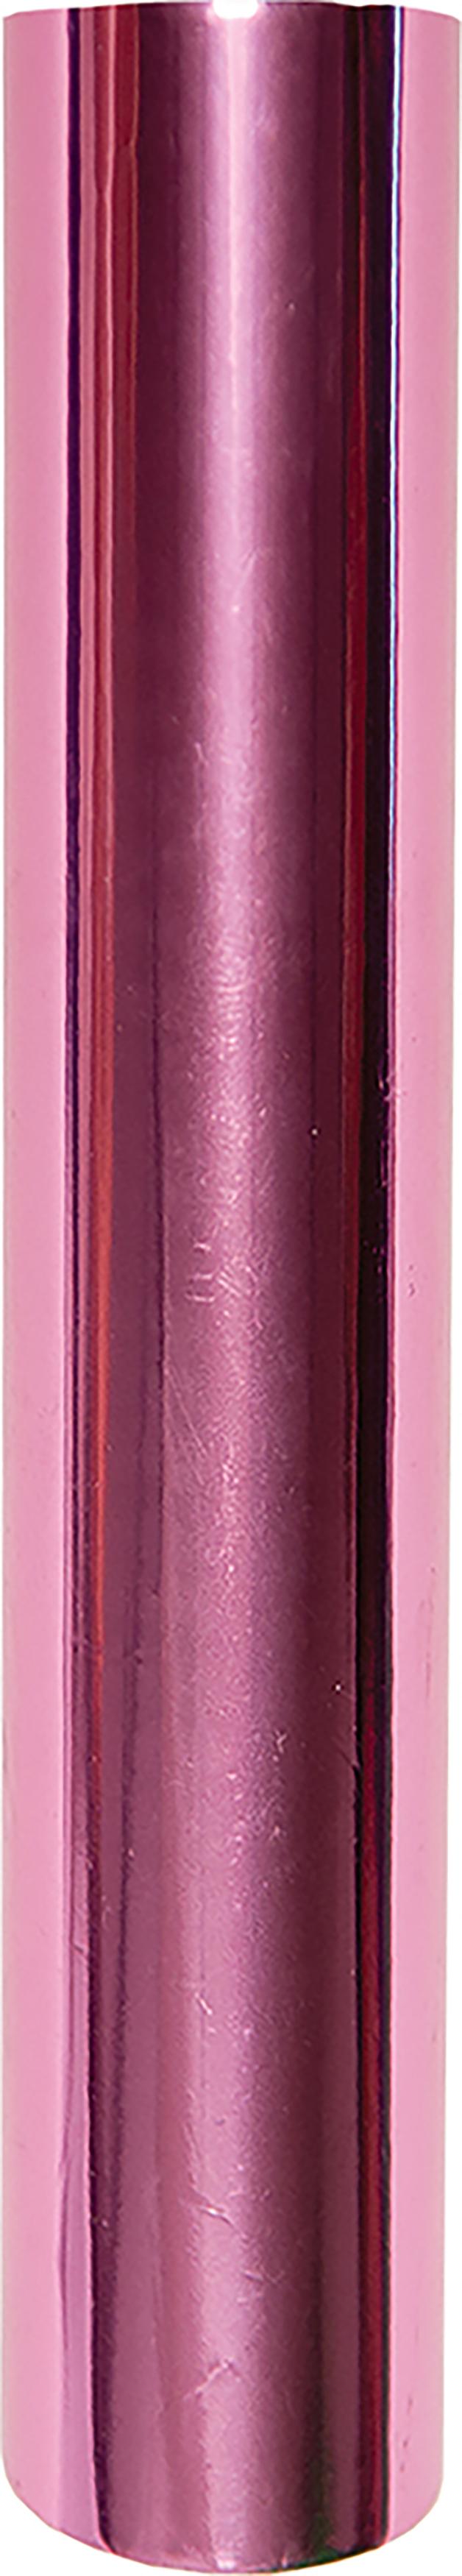 Glimmer Foil Pink